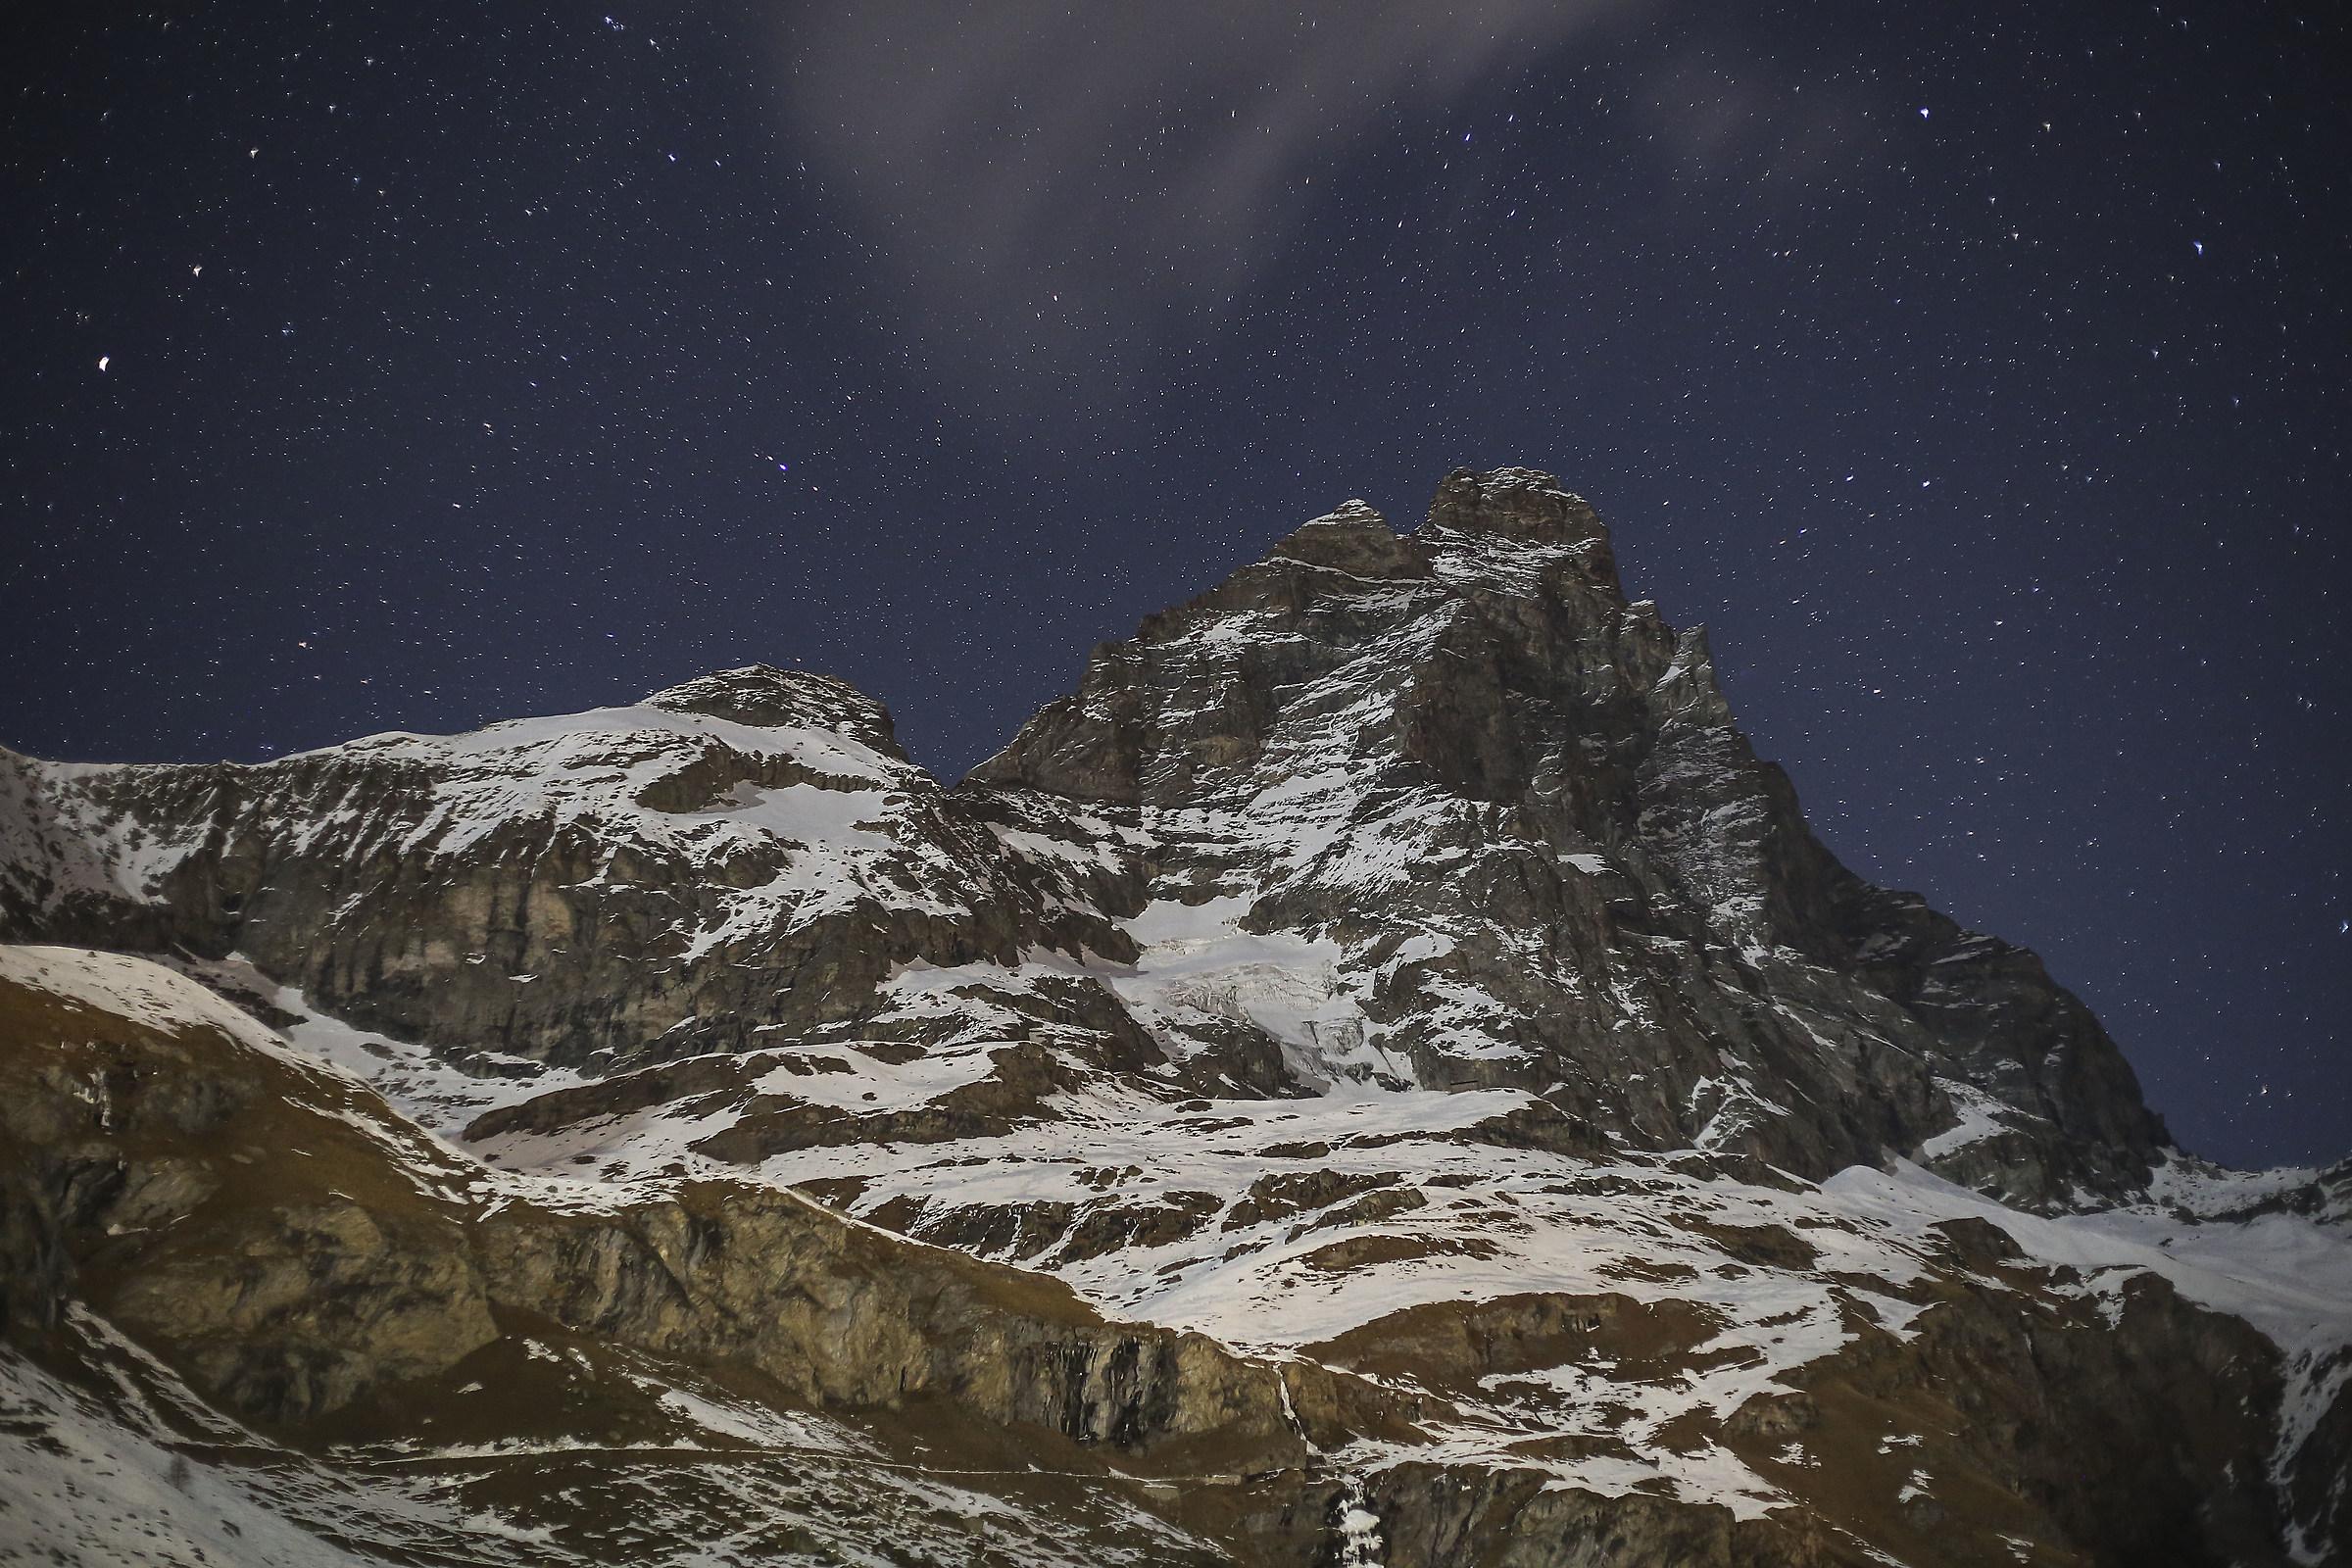 The night Matterhorn....